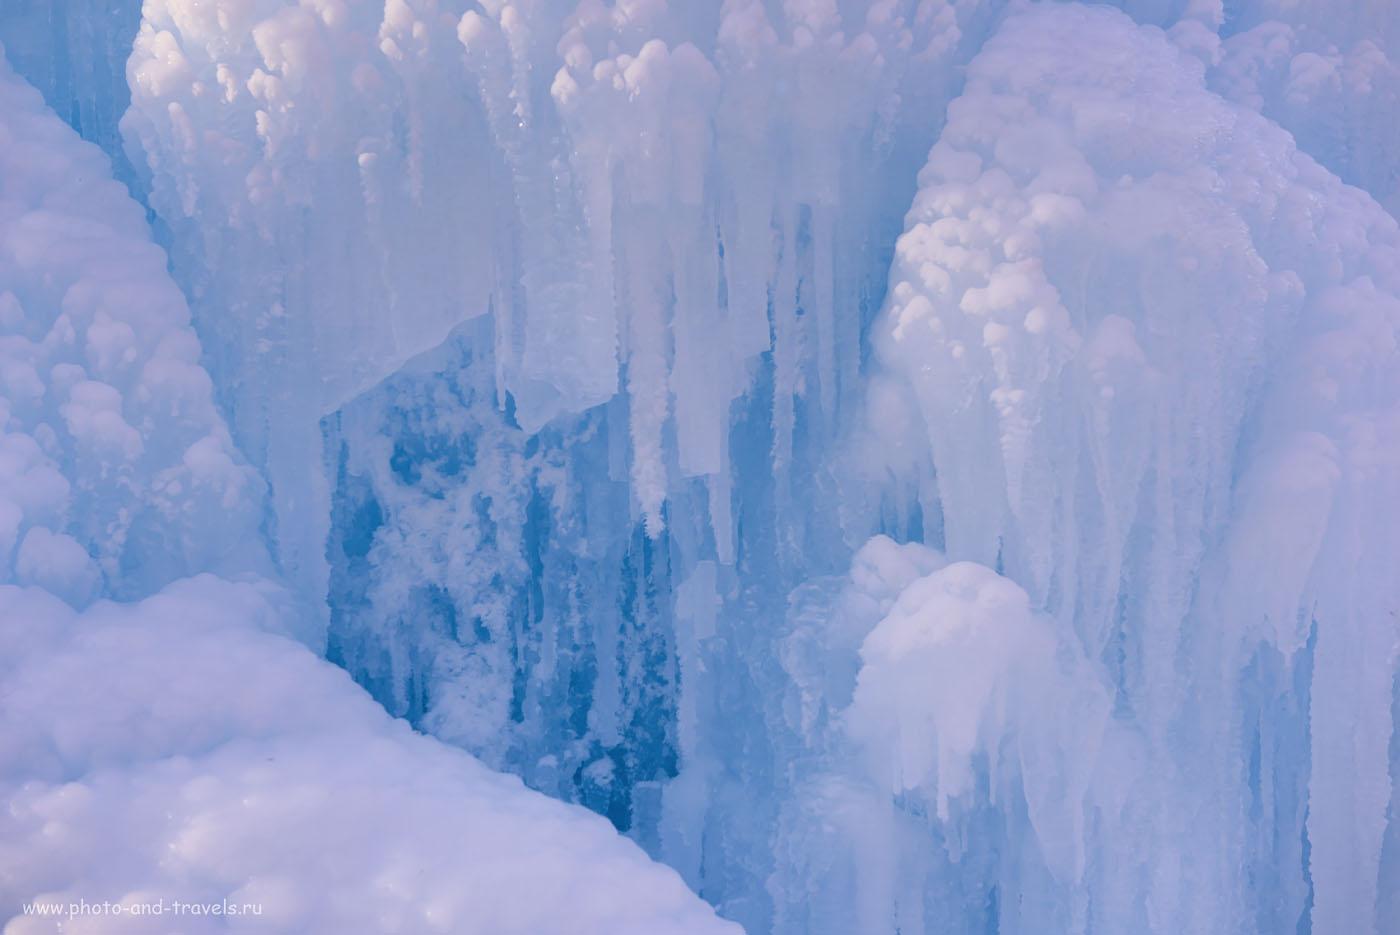 Фотография 35. Ледяной фонтан отзыв о поездке Зюраткуль. 1/320, +0.67, 5.6, 140, 50.